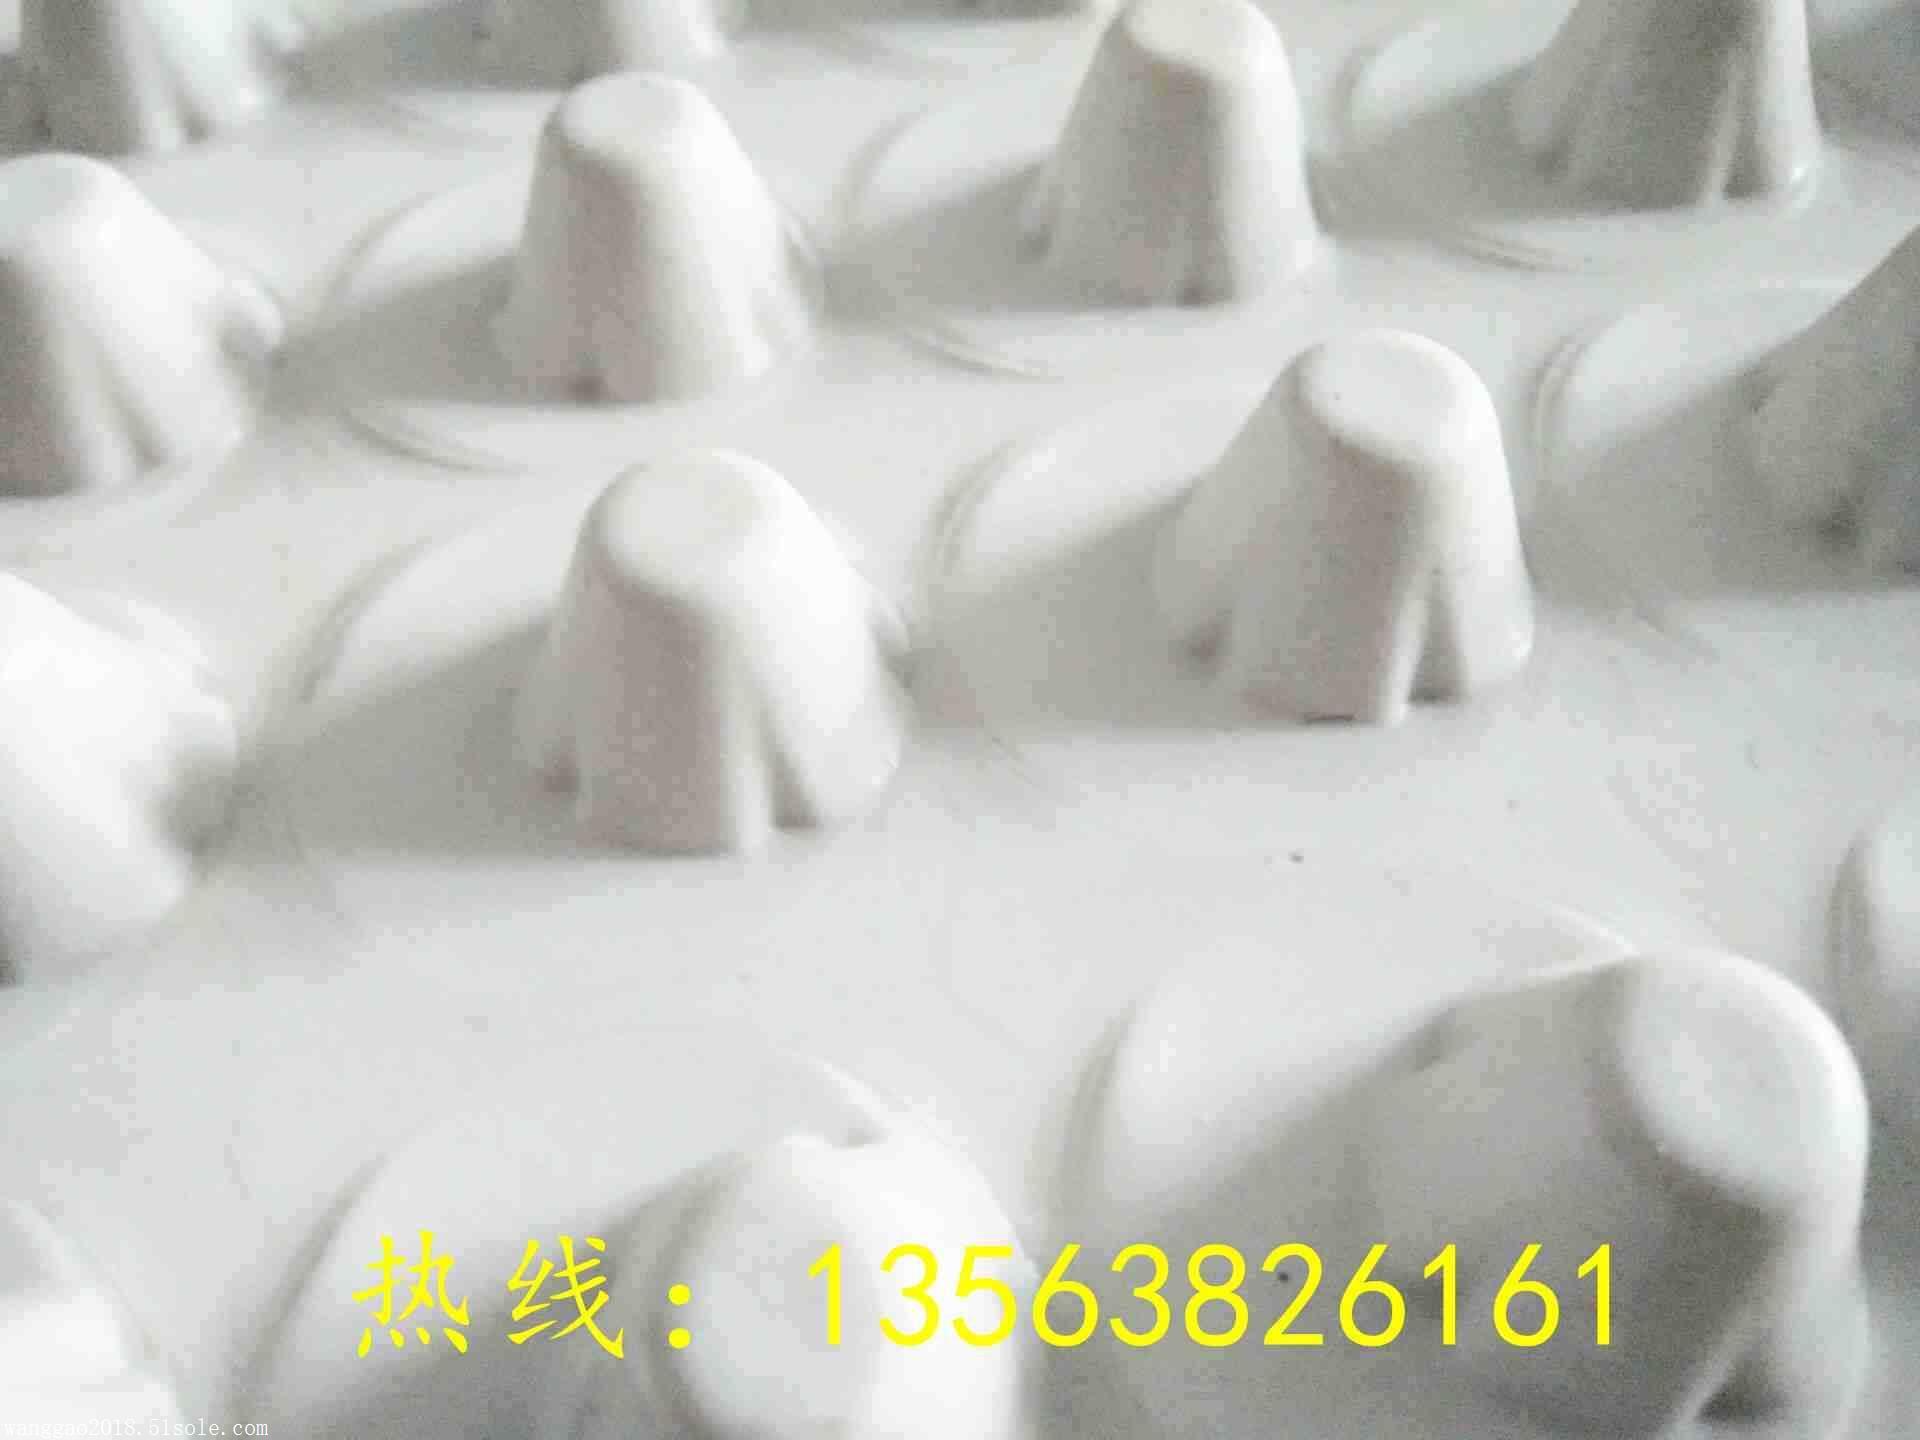 德阳车库排水板厂家